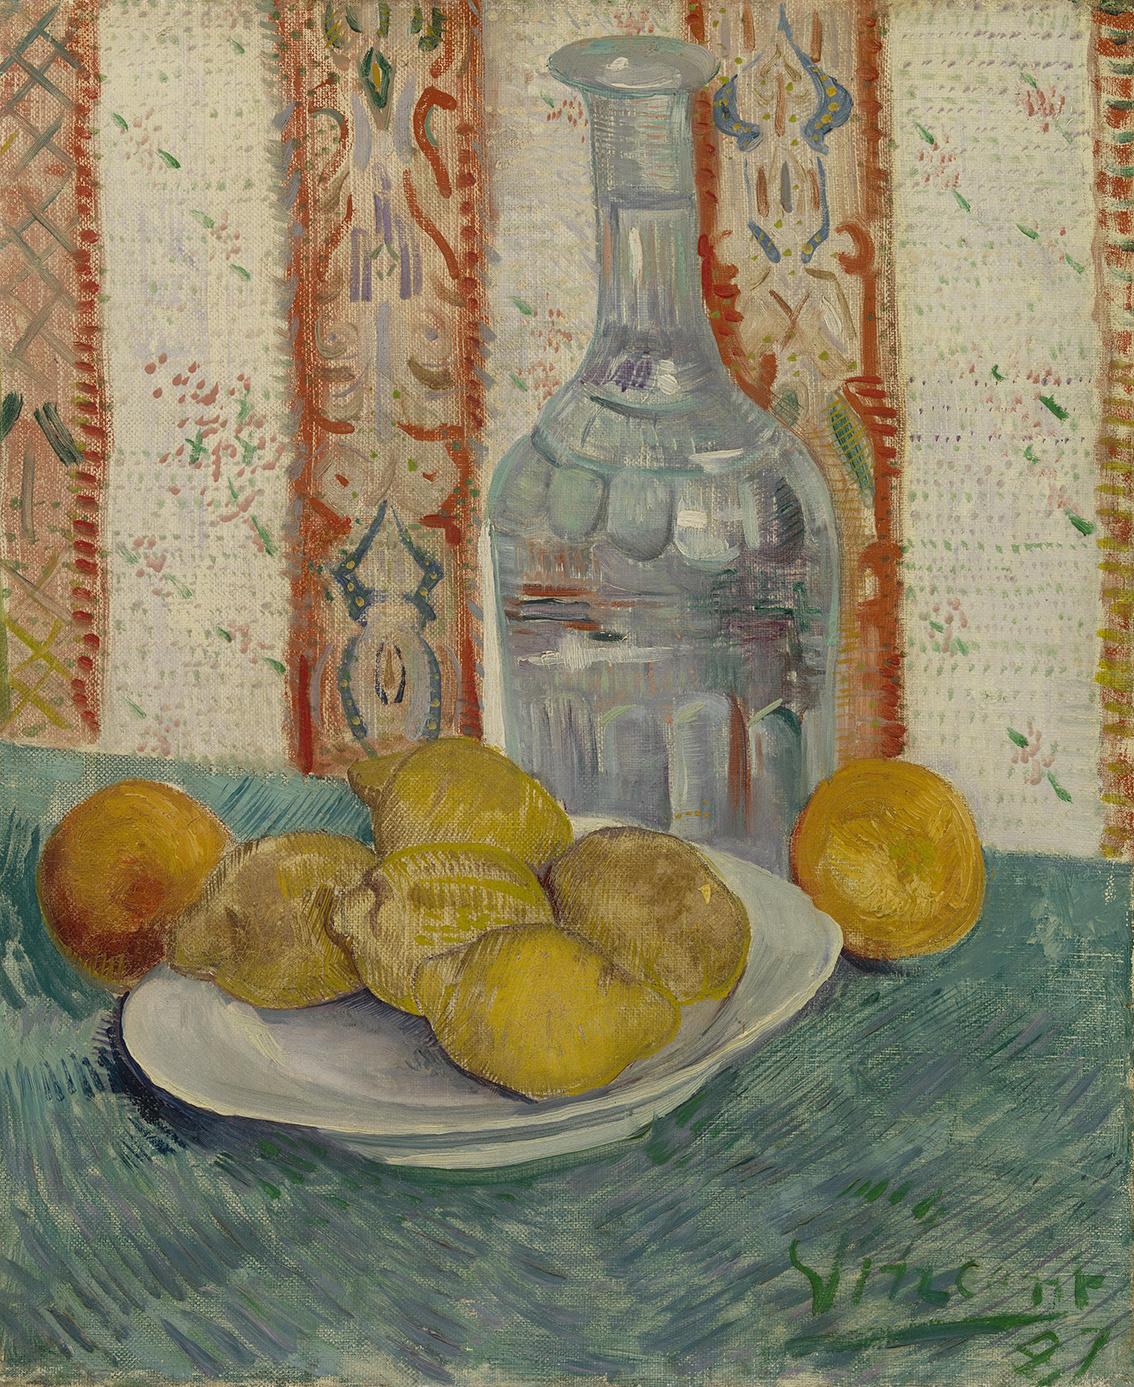 Karaf en schotel met citrusvruchten - Van Gogh op Textieldoek